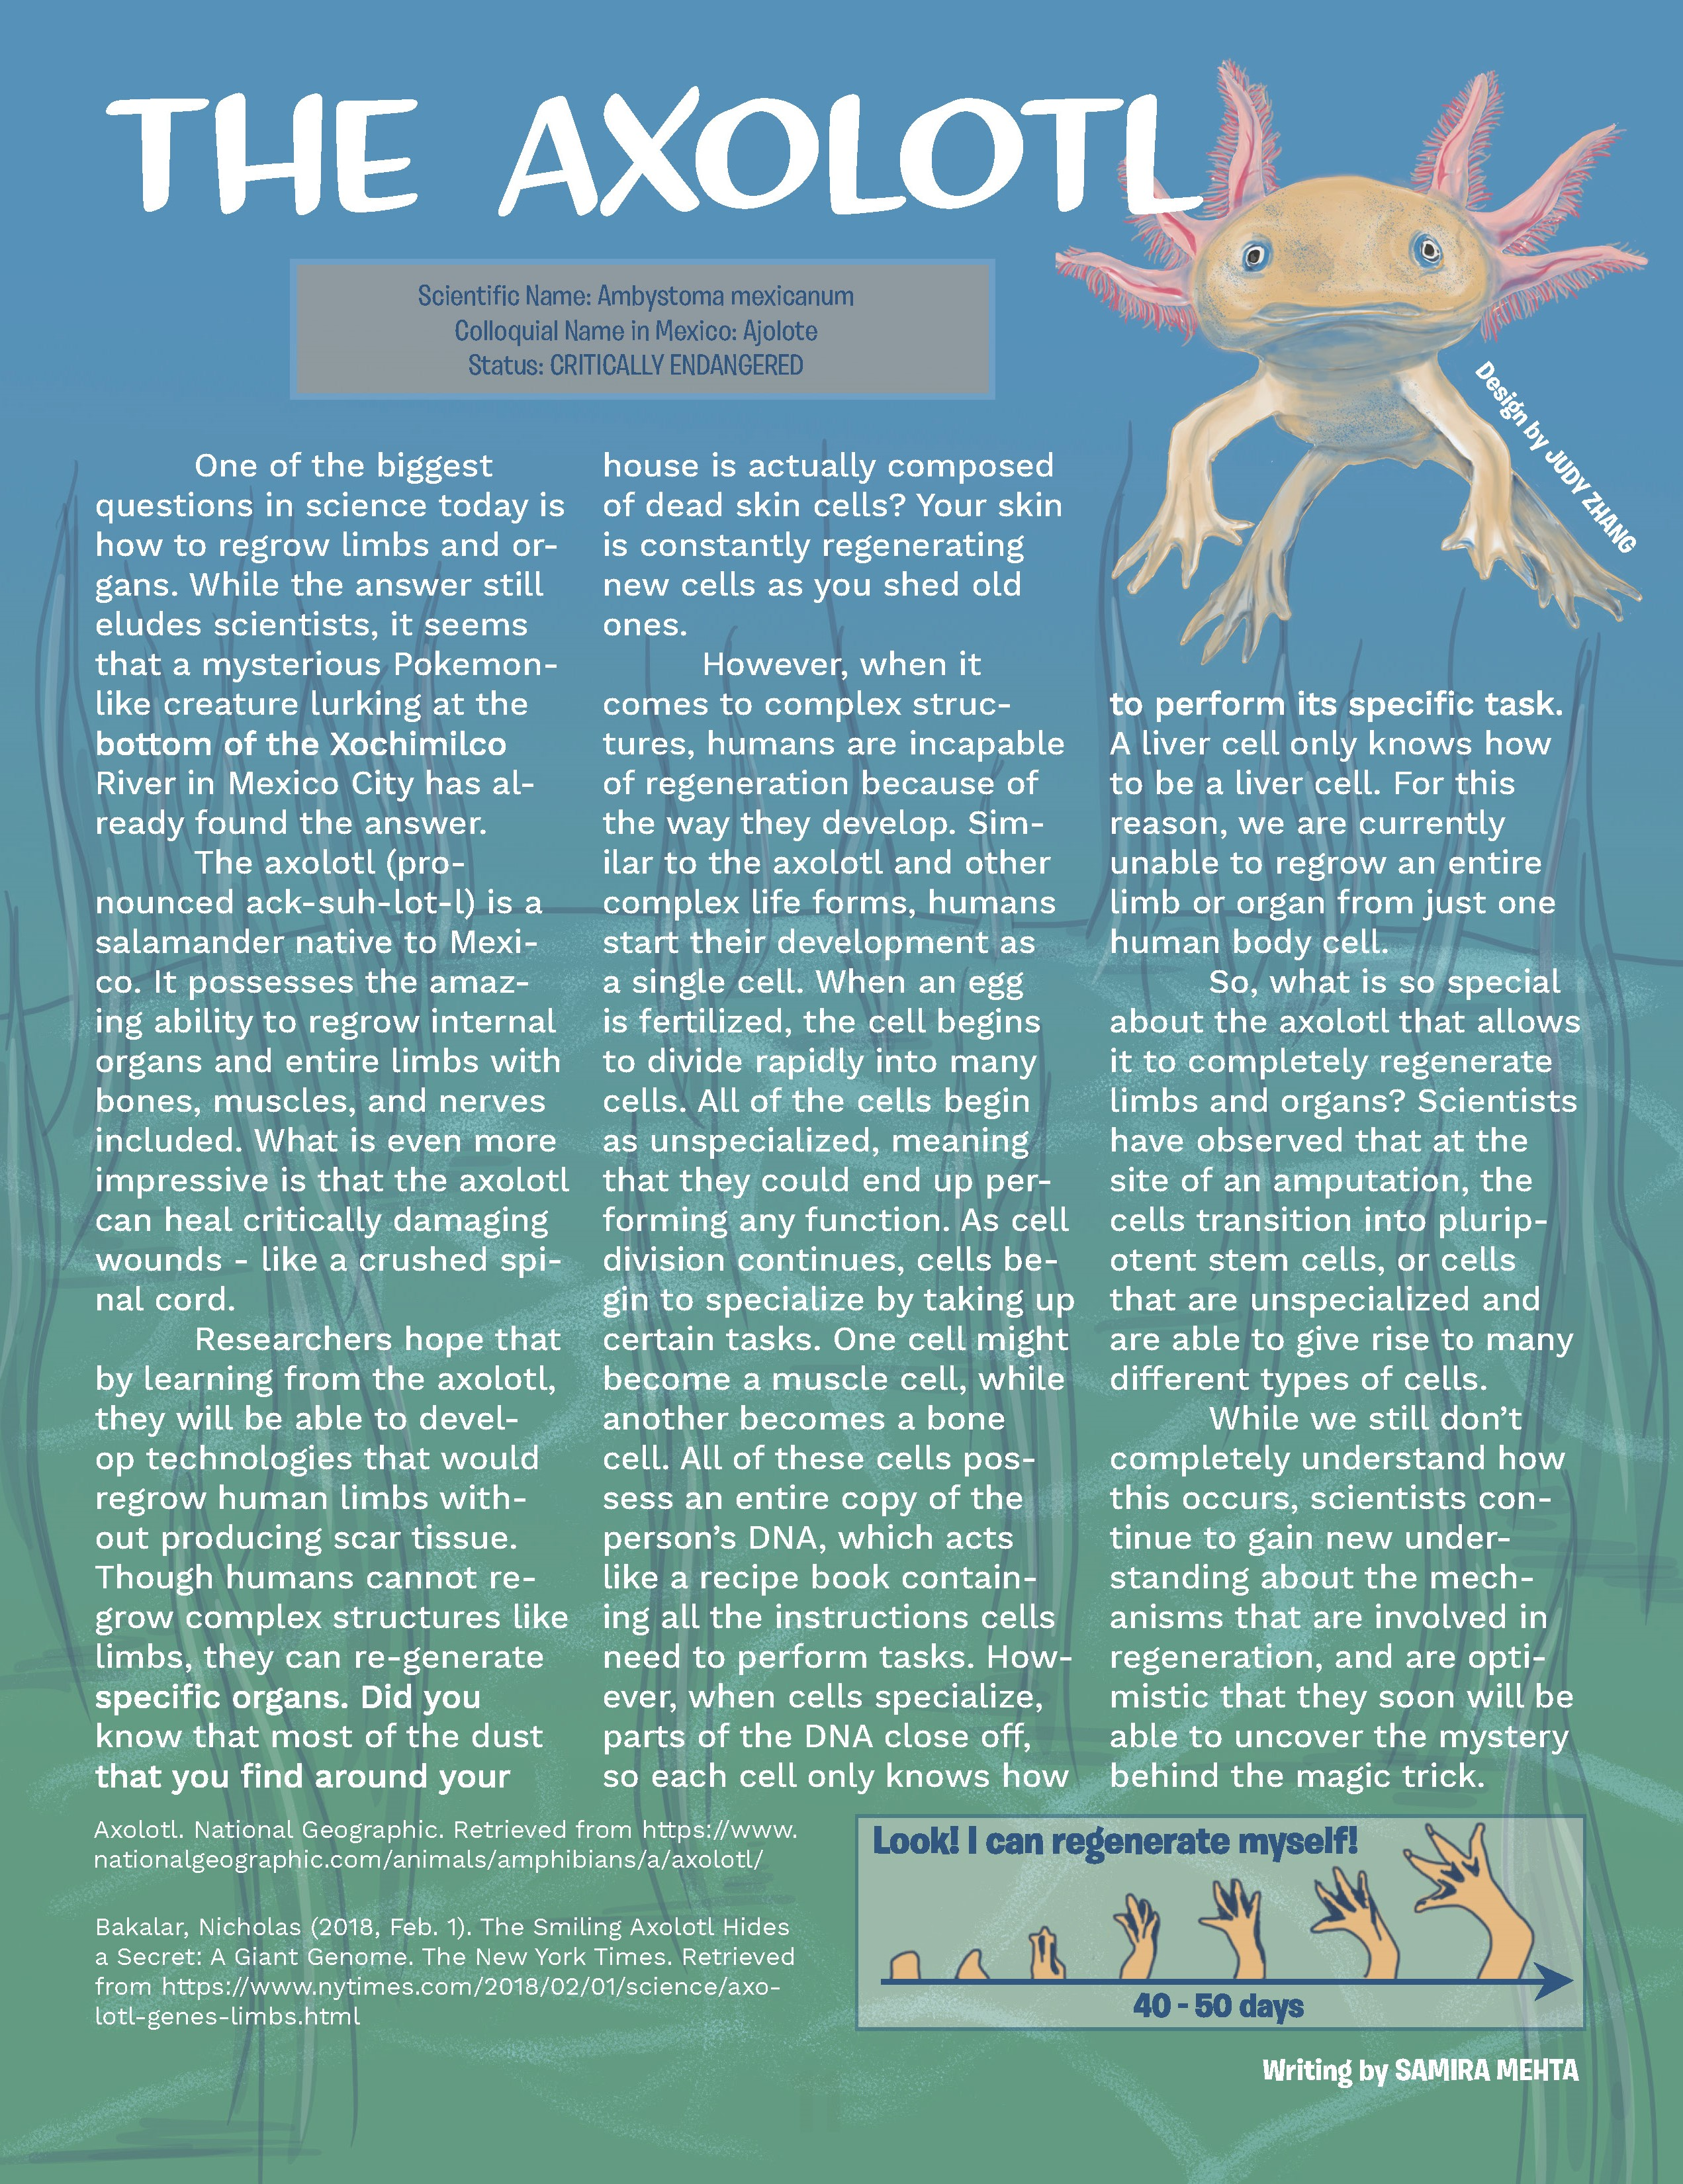 The Axolotl